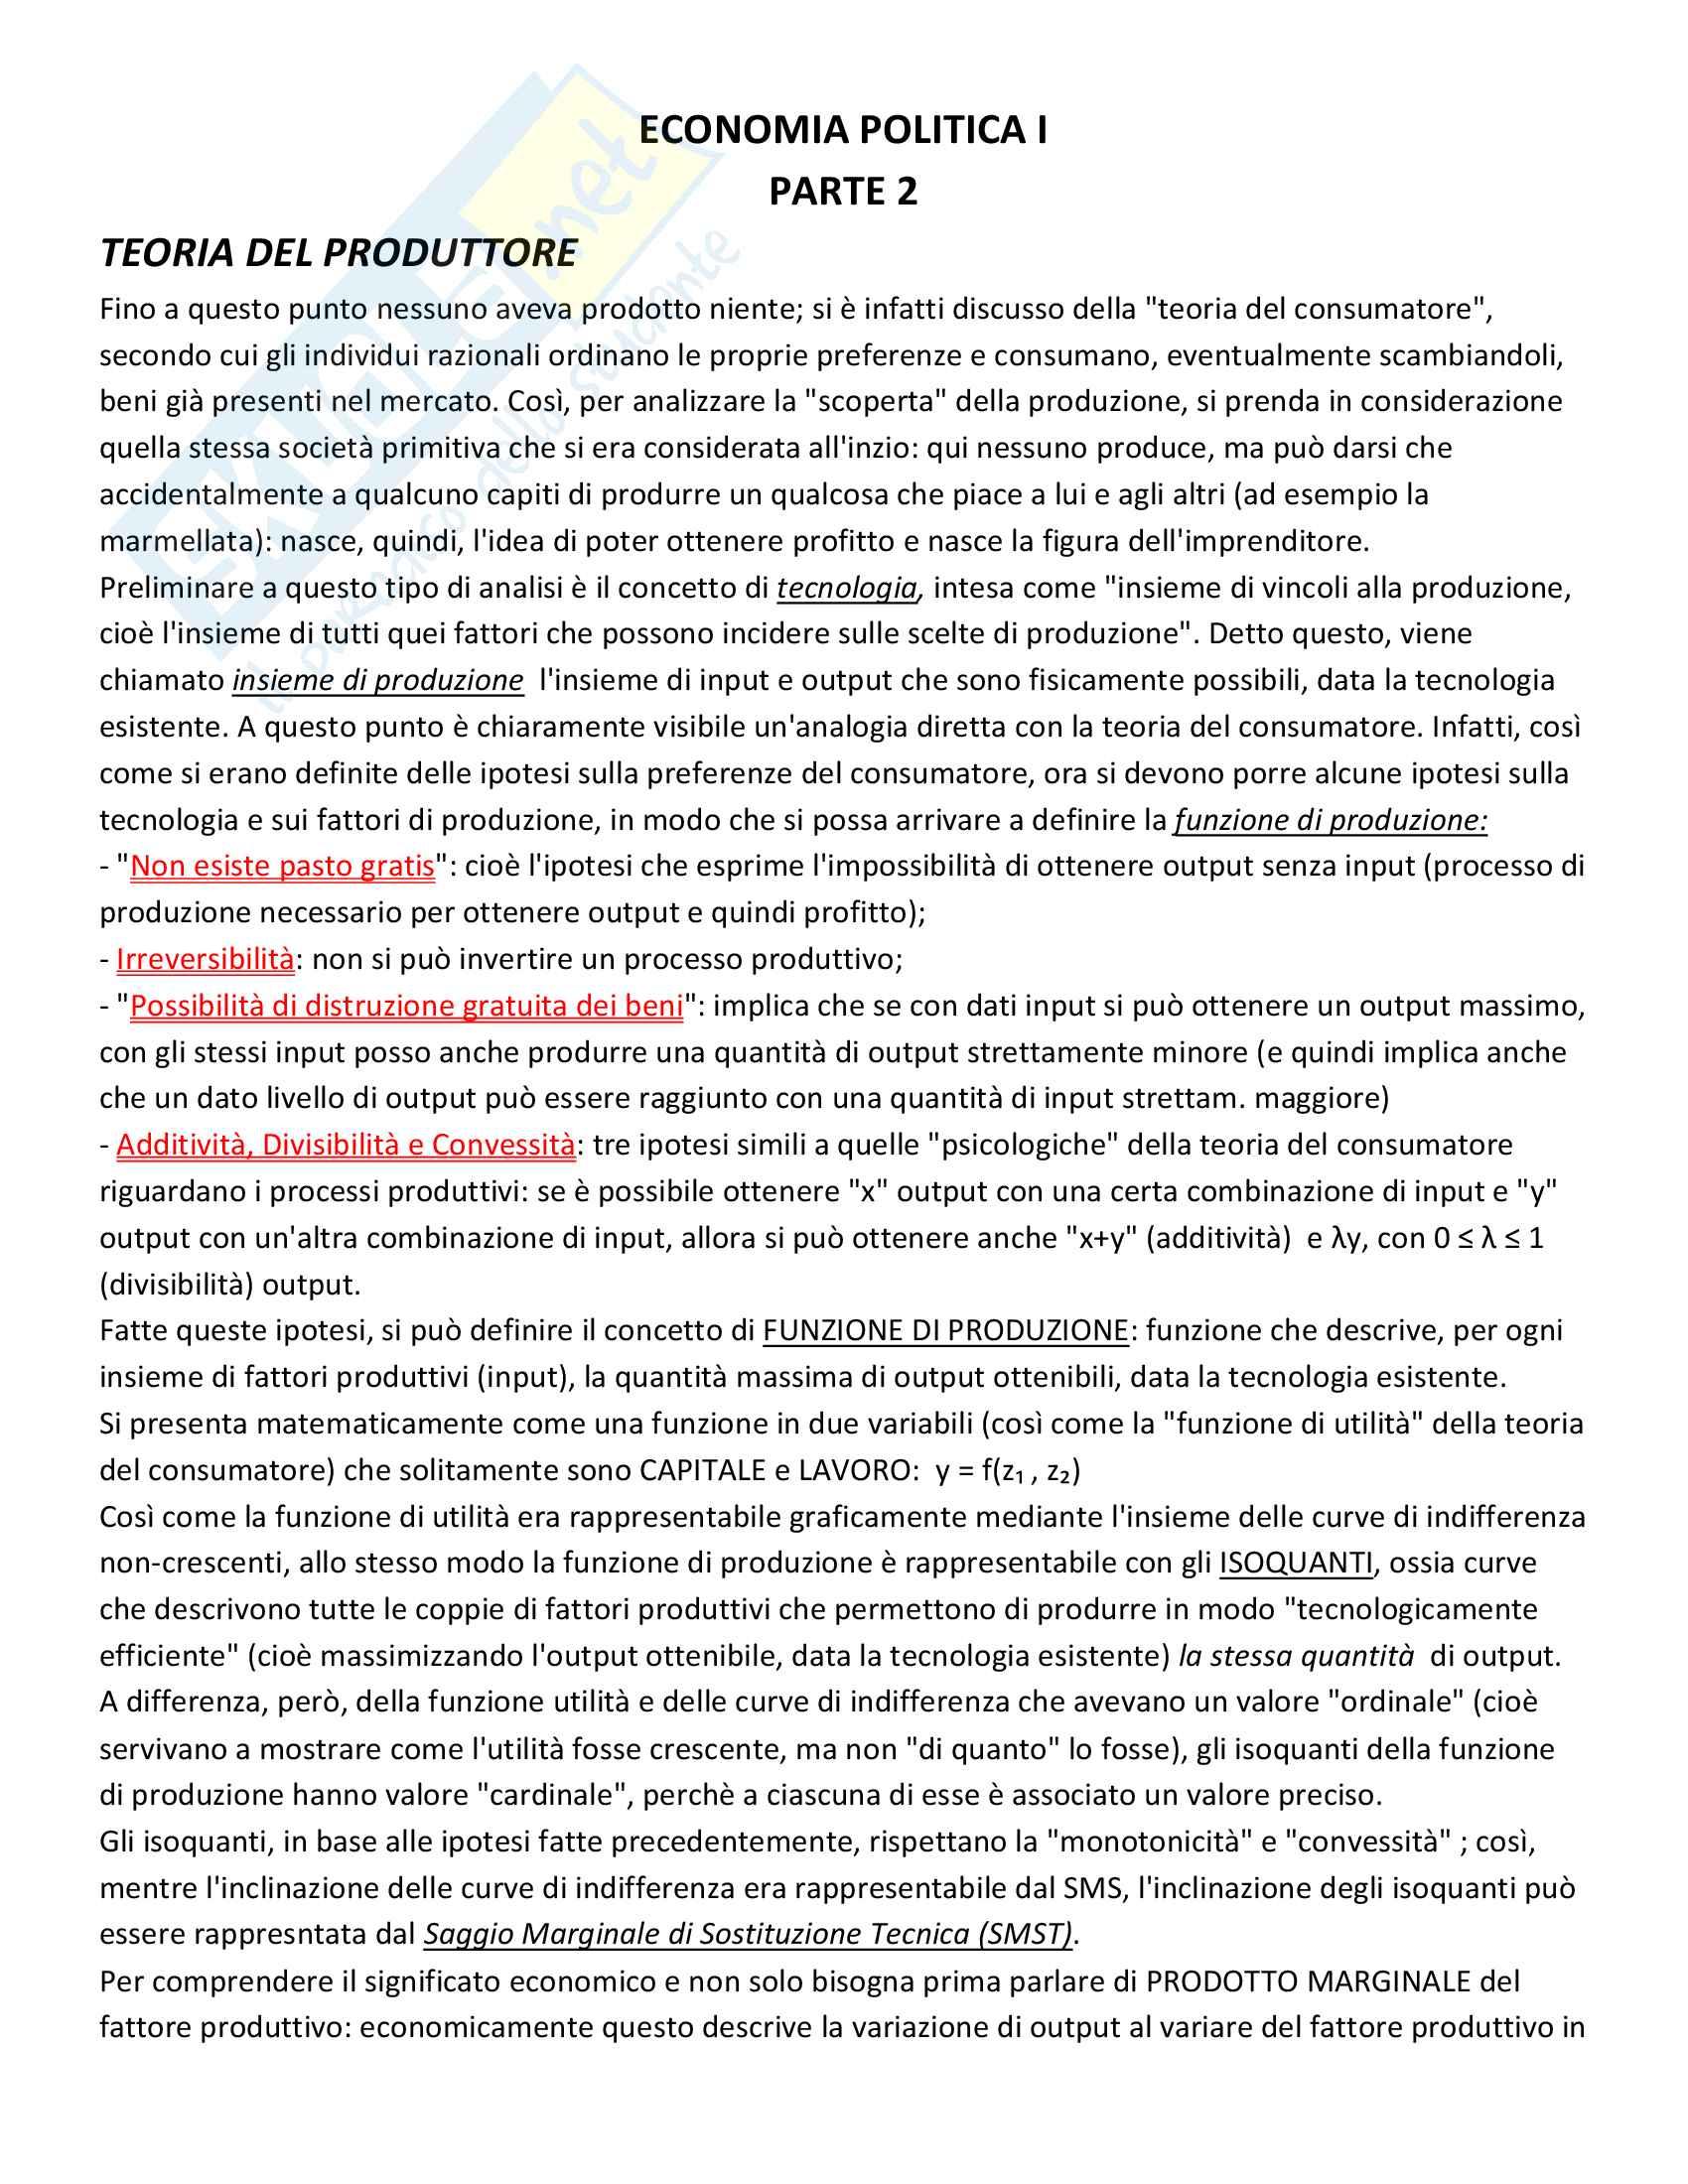 appunto F. Colombo Economia politica